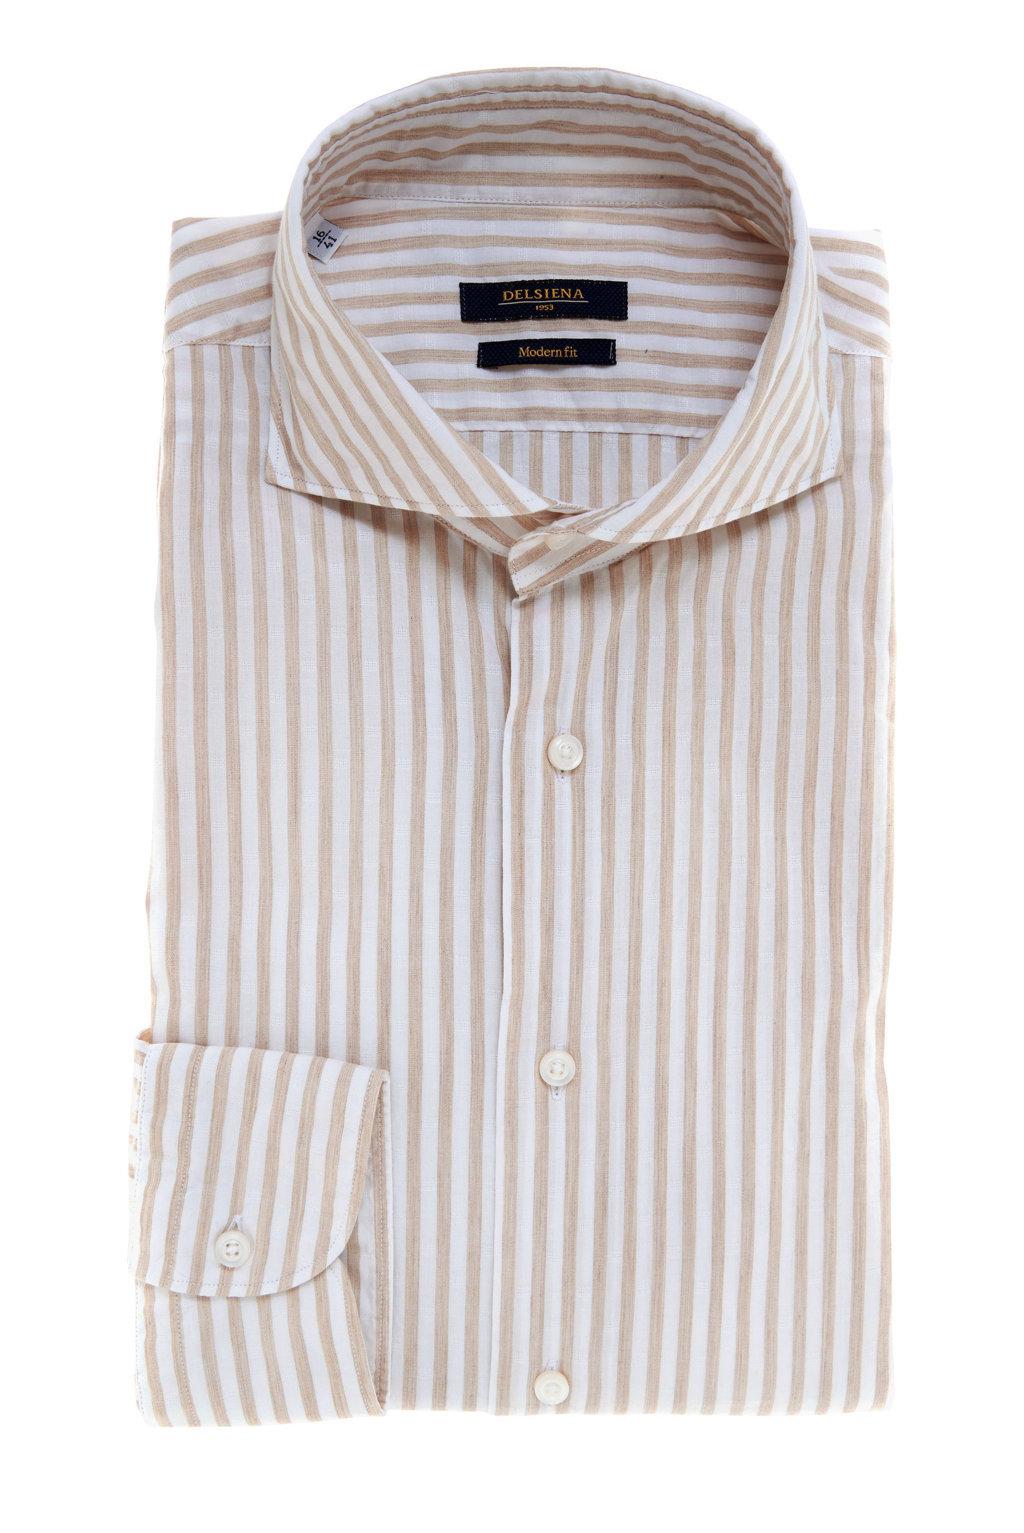 Camicia uomo a righe estiva Delsiena